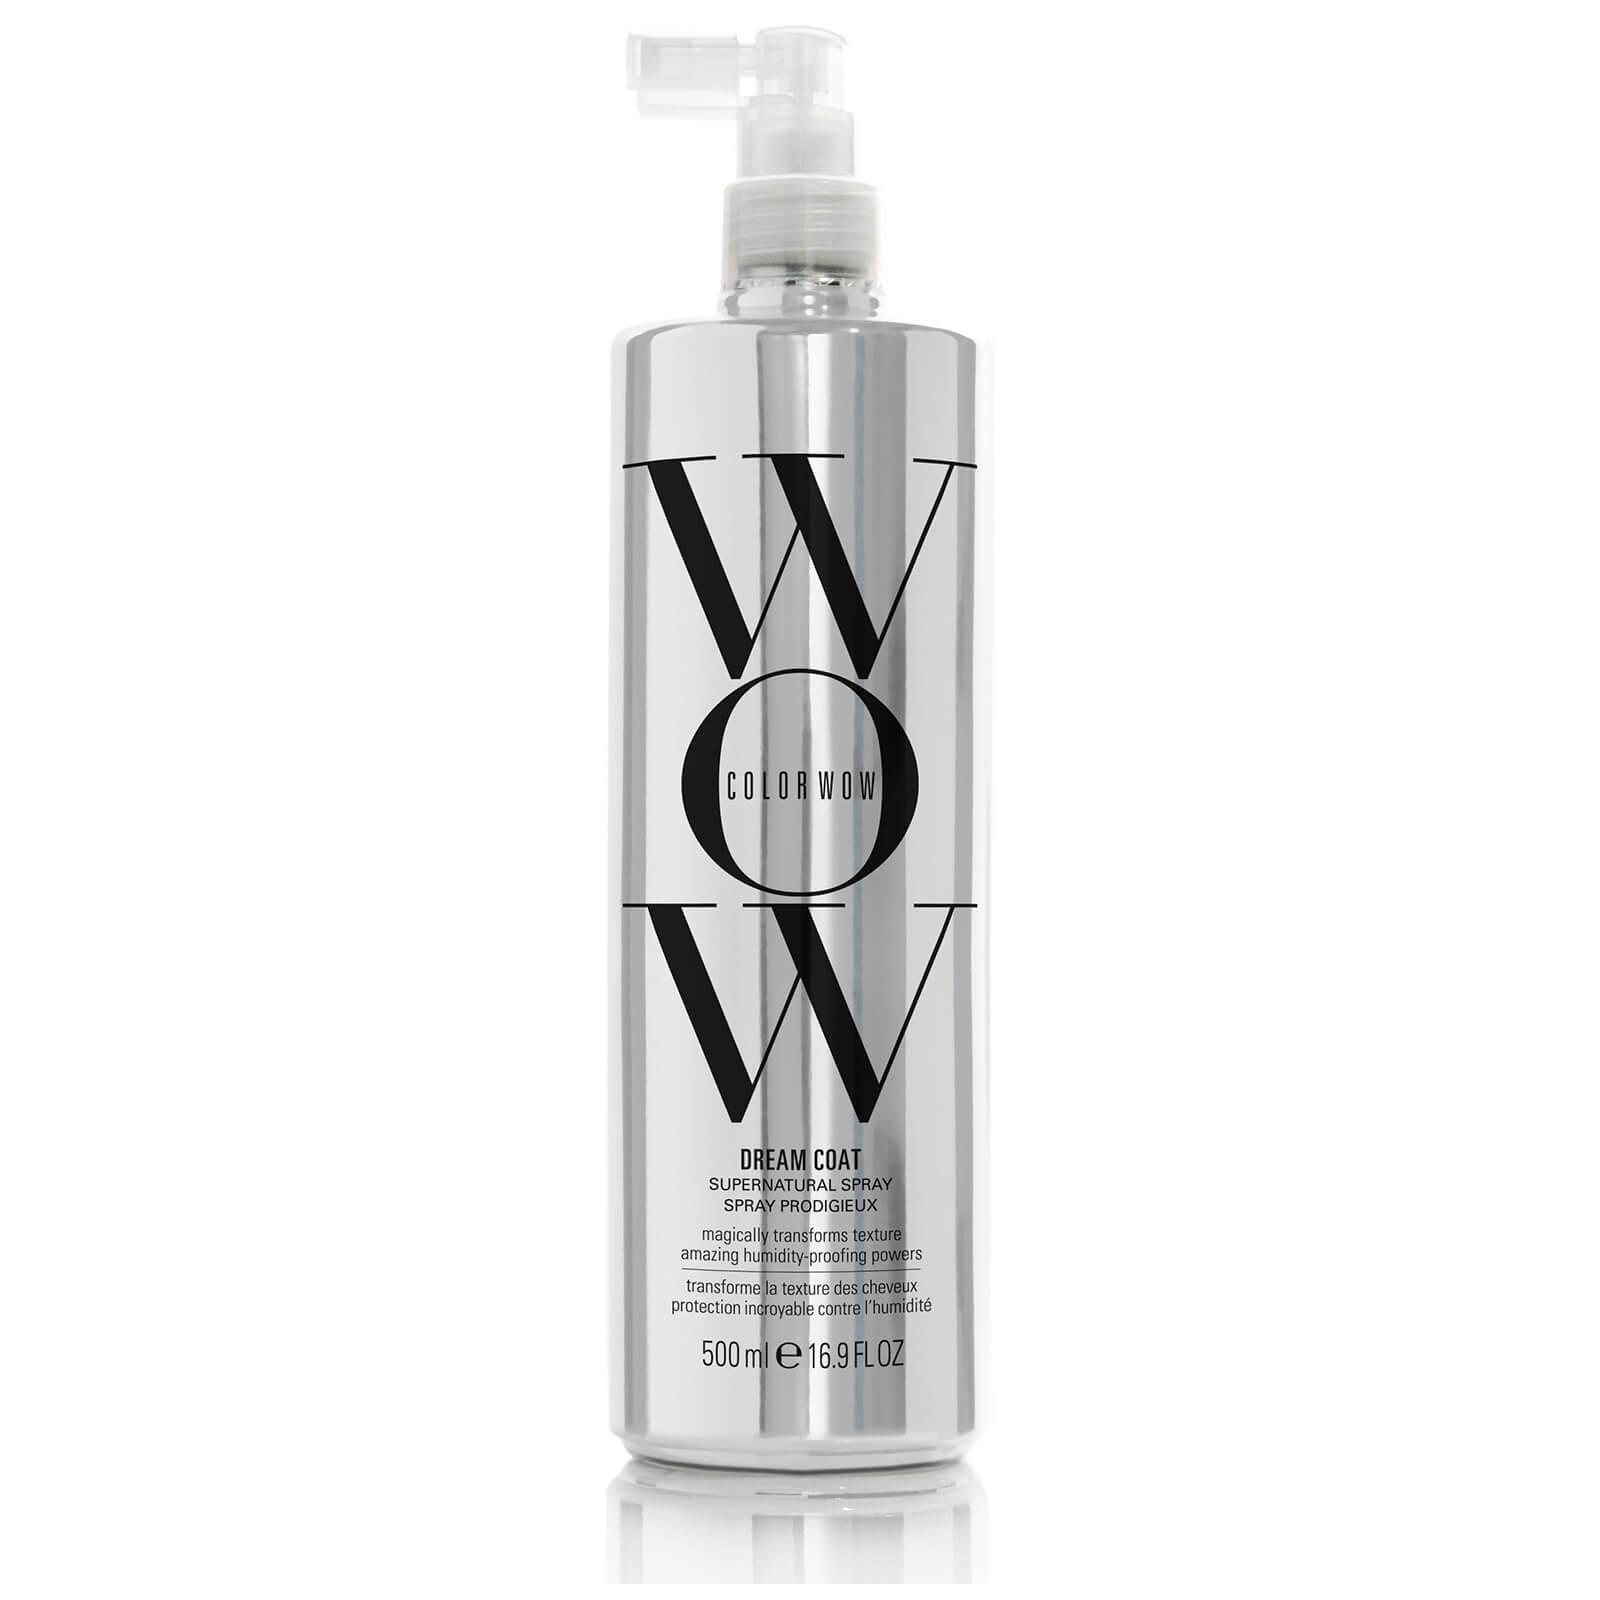 Купить Спрей для придания волосам объема Color WOW Dream Coat Supernatural Spray Supersize 500 мл